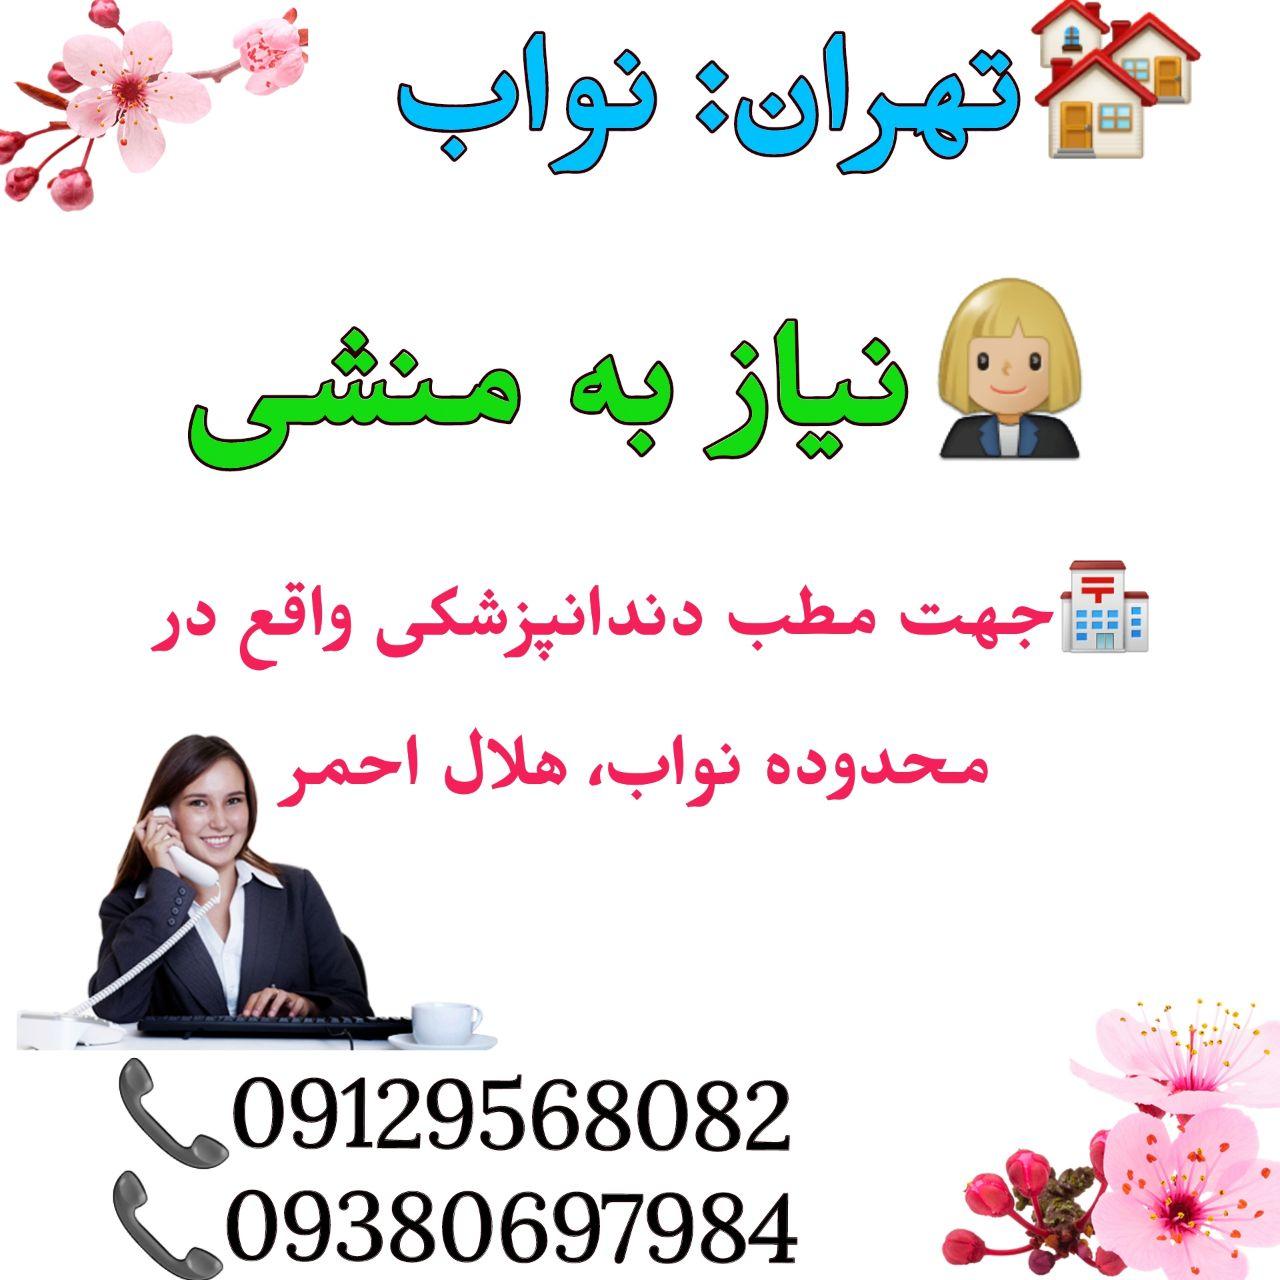 تهران: نواب، نیاز به منشی